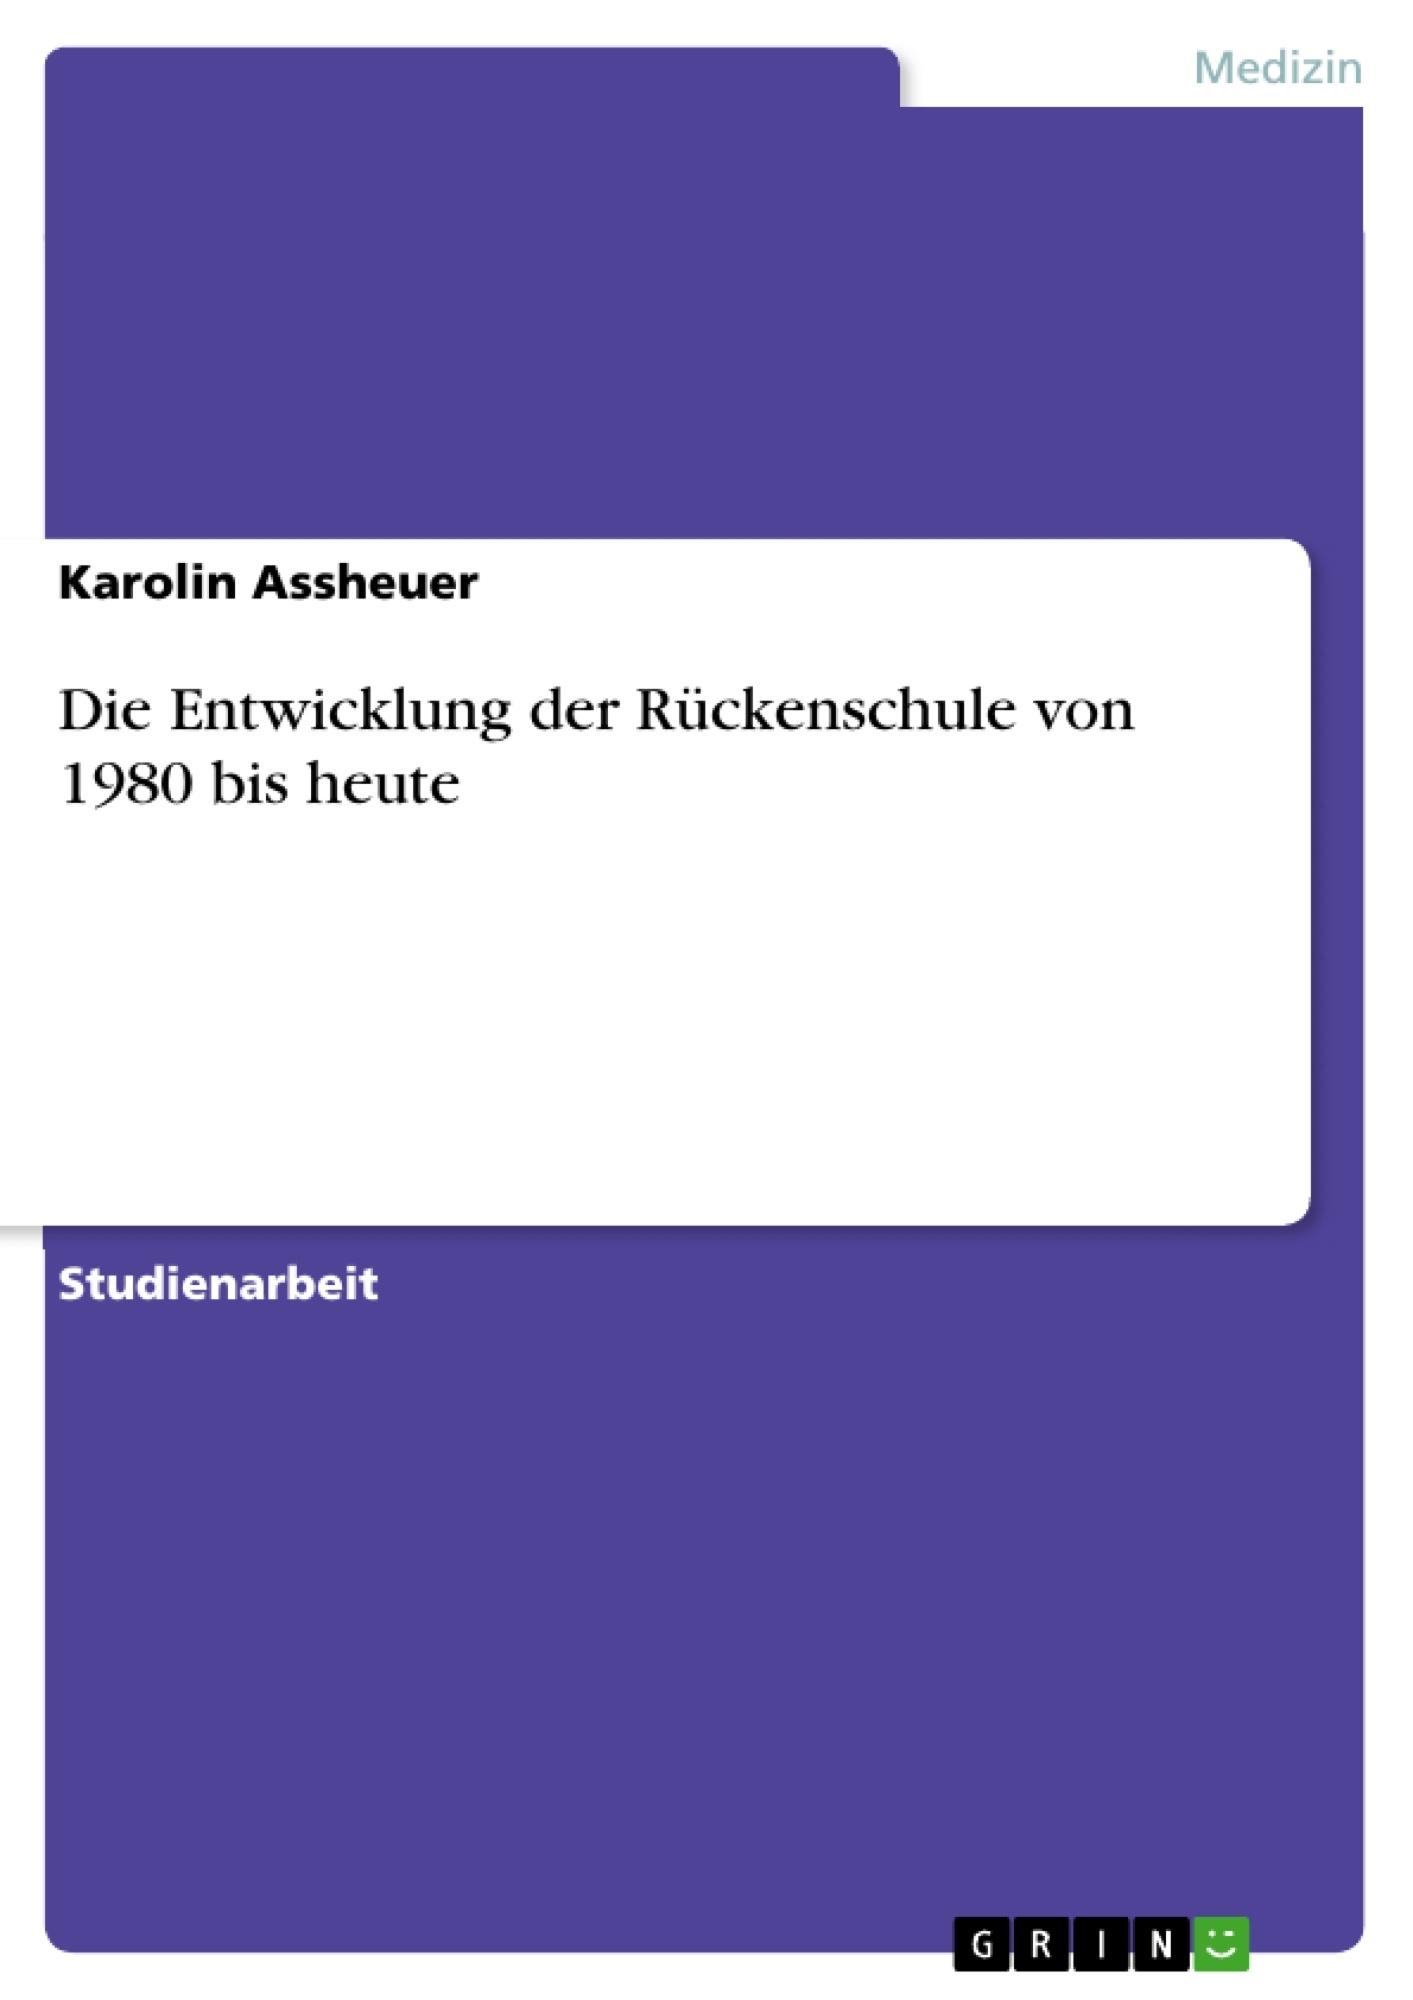 Titel: Die Entwicklung der Rückenschule von 1980 bis heute